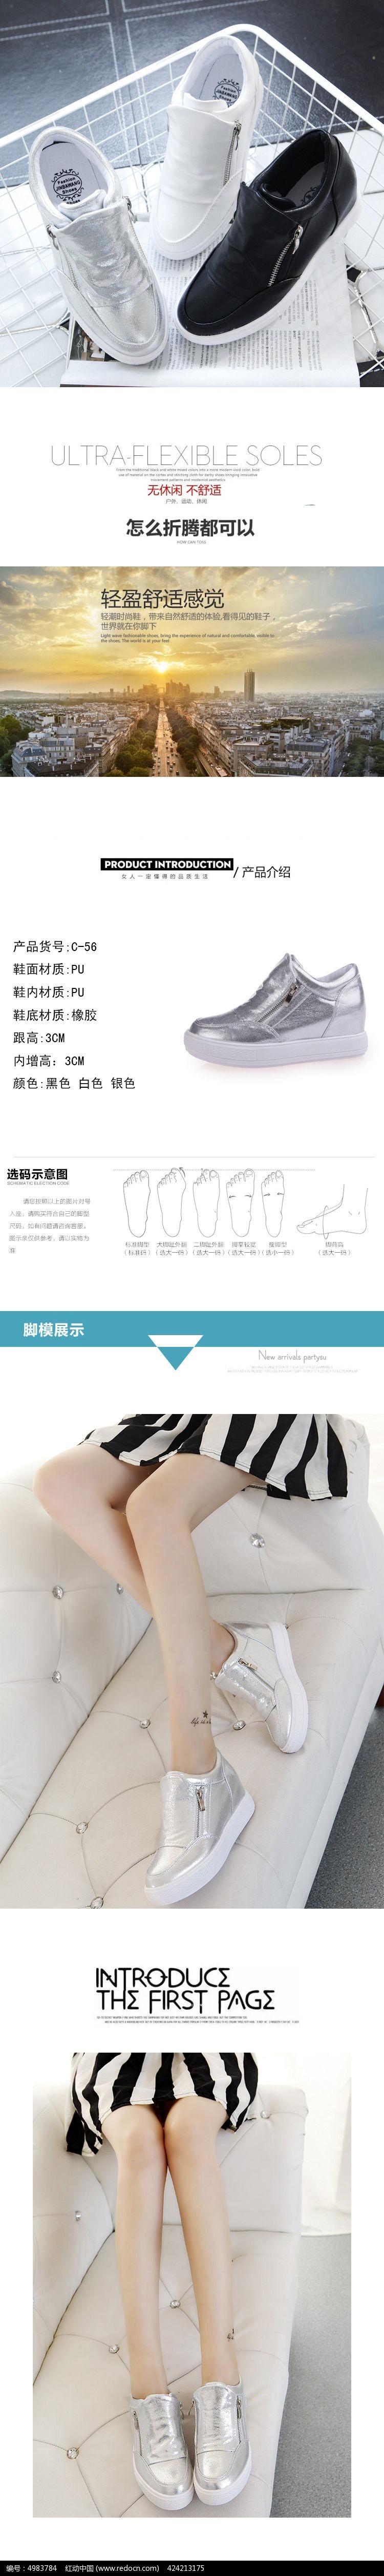 淘宝潮女休闲鞋详情页描述psd分层素材